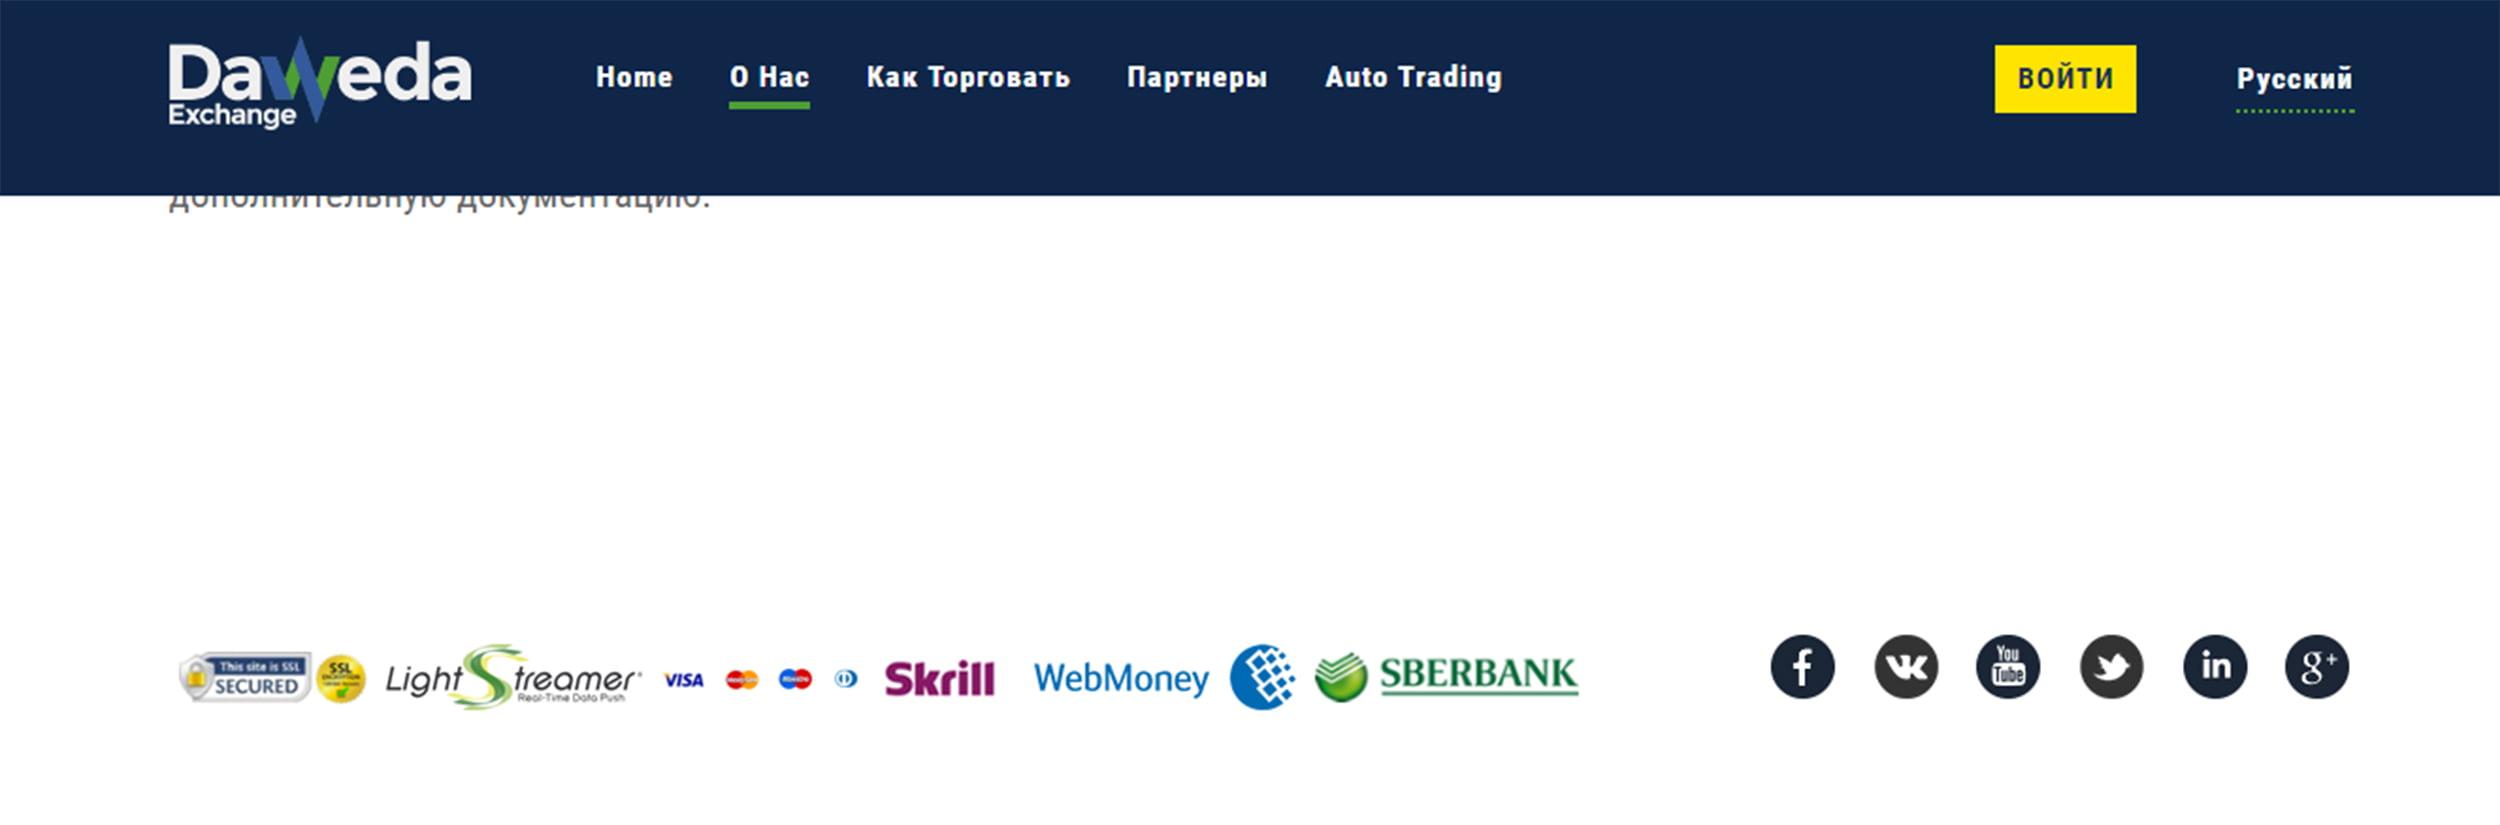 доступные платежные сервисы на платформе Daweda Exchange